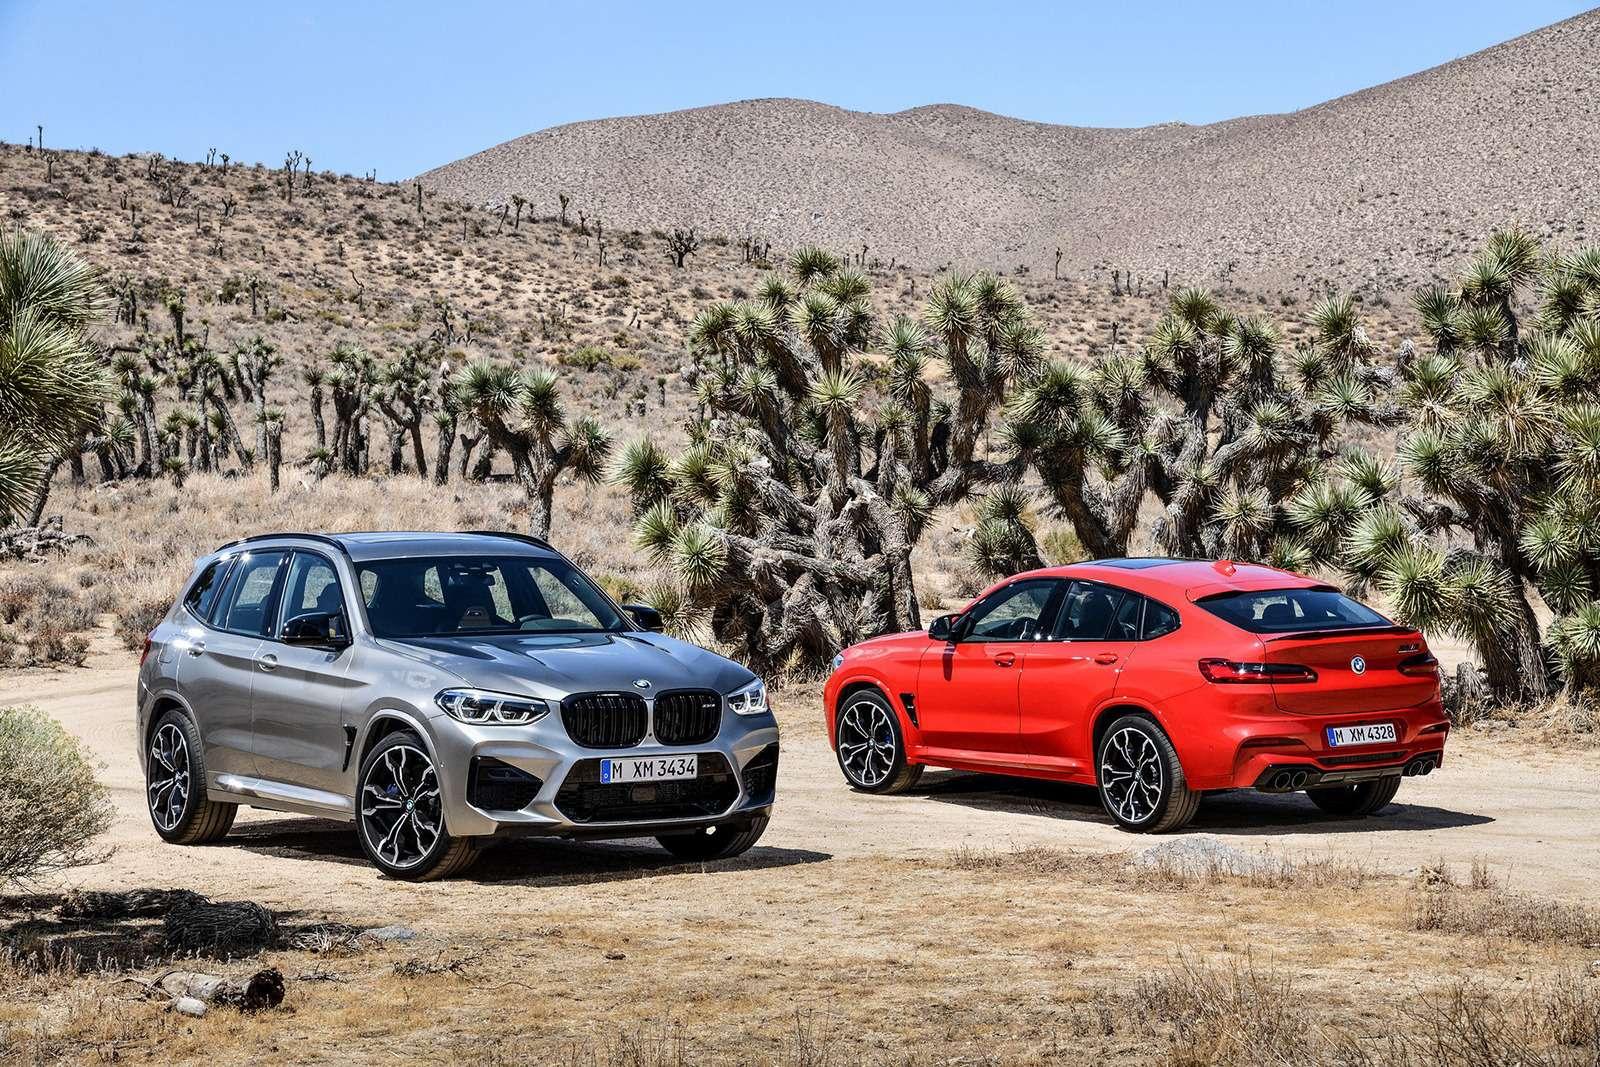 BMWрассекретила самые крутые версии кроссоверов X3и X4— фото 948694